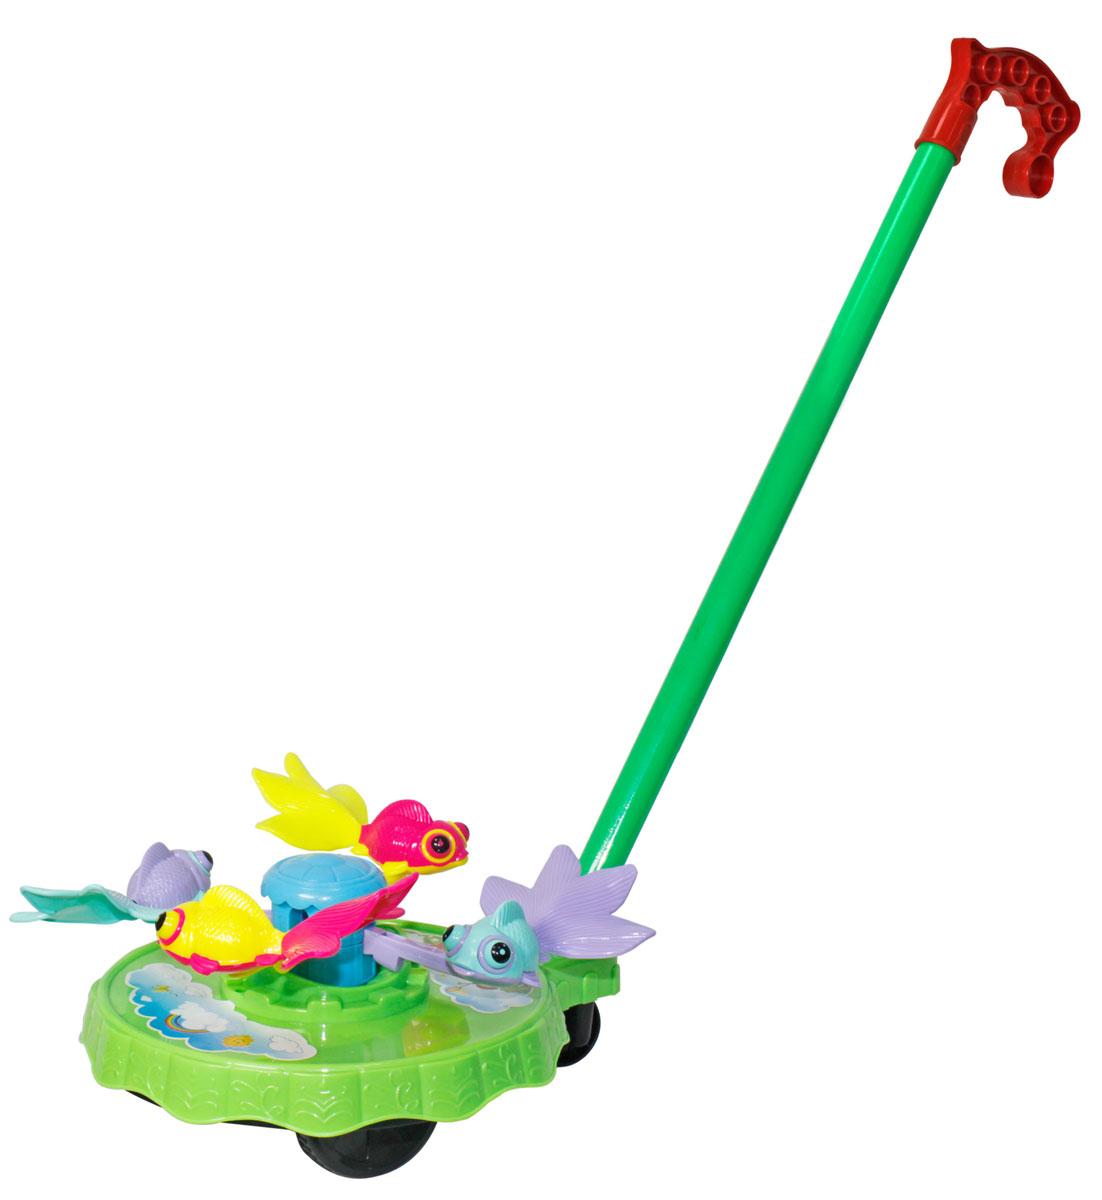 Тилибом Игрушка-каталка Рыбки цвет зеленый детское колесо каталка